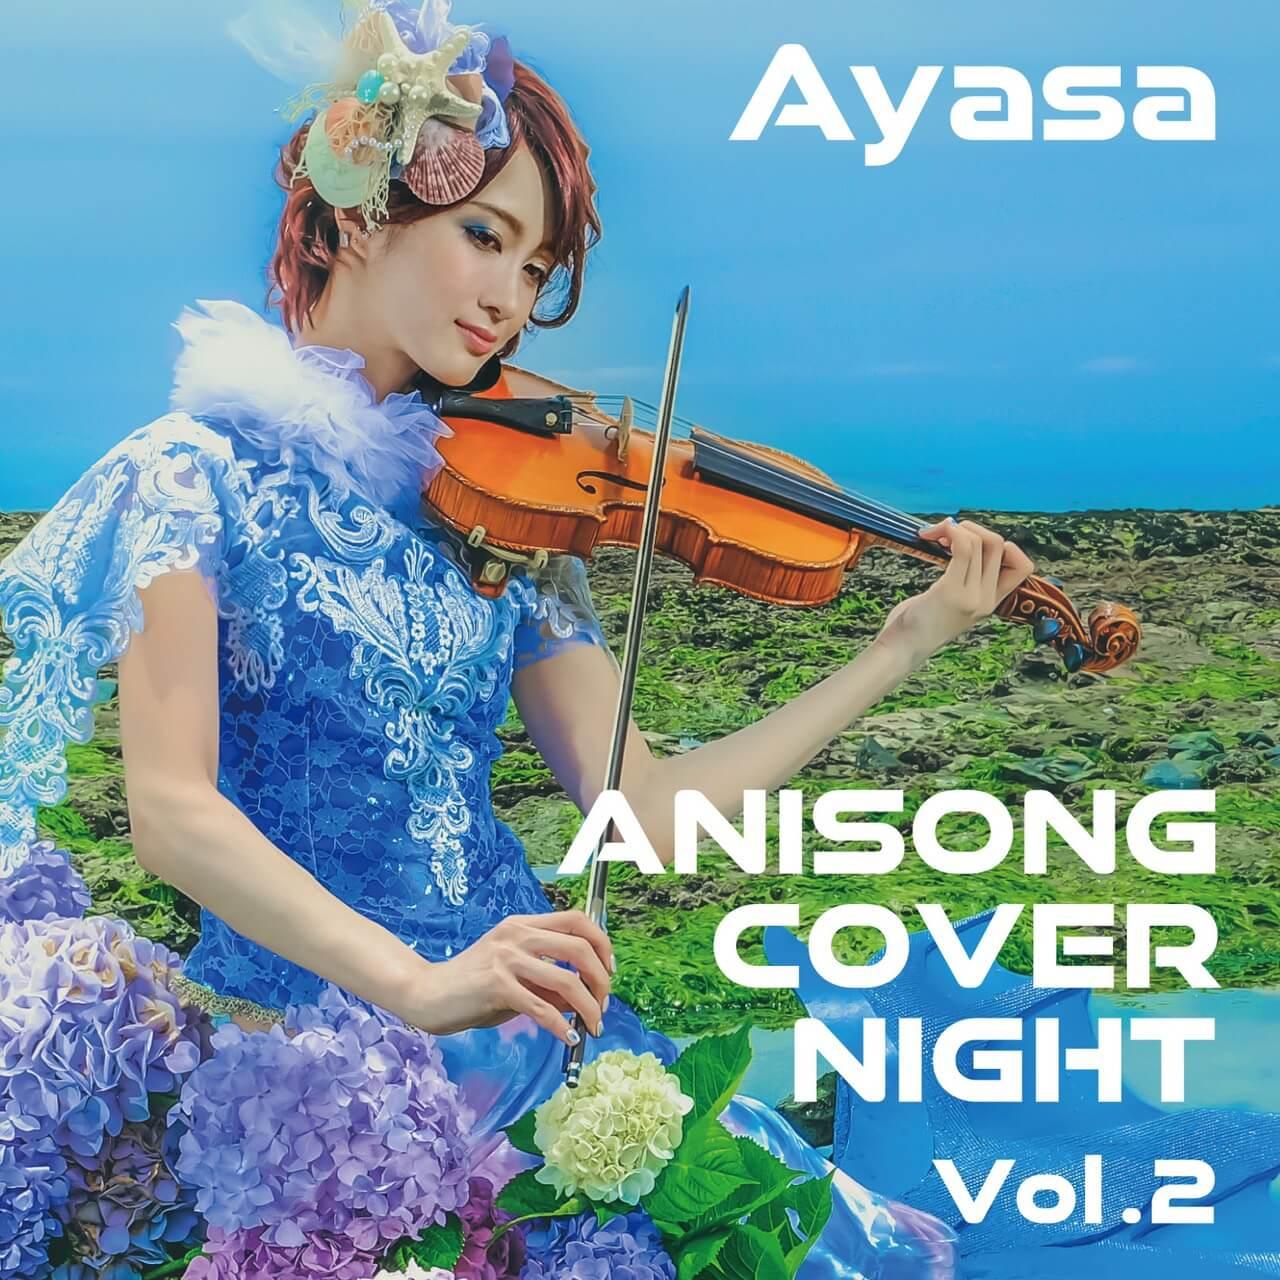 Ayasaがアニソンカバーアルバム「ANISONG COVER NIGHT Vol.2」を配信サムネイル画像